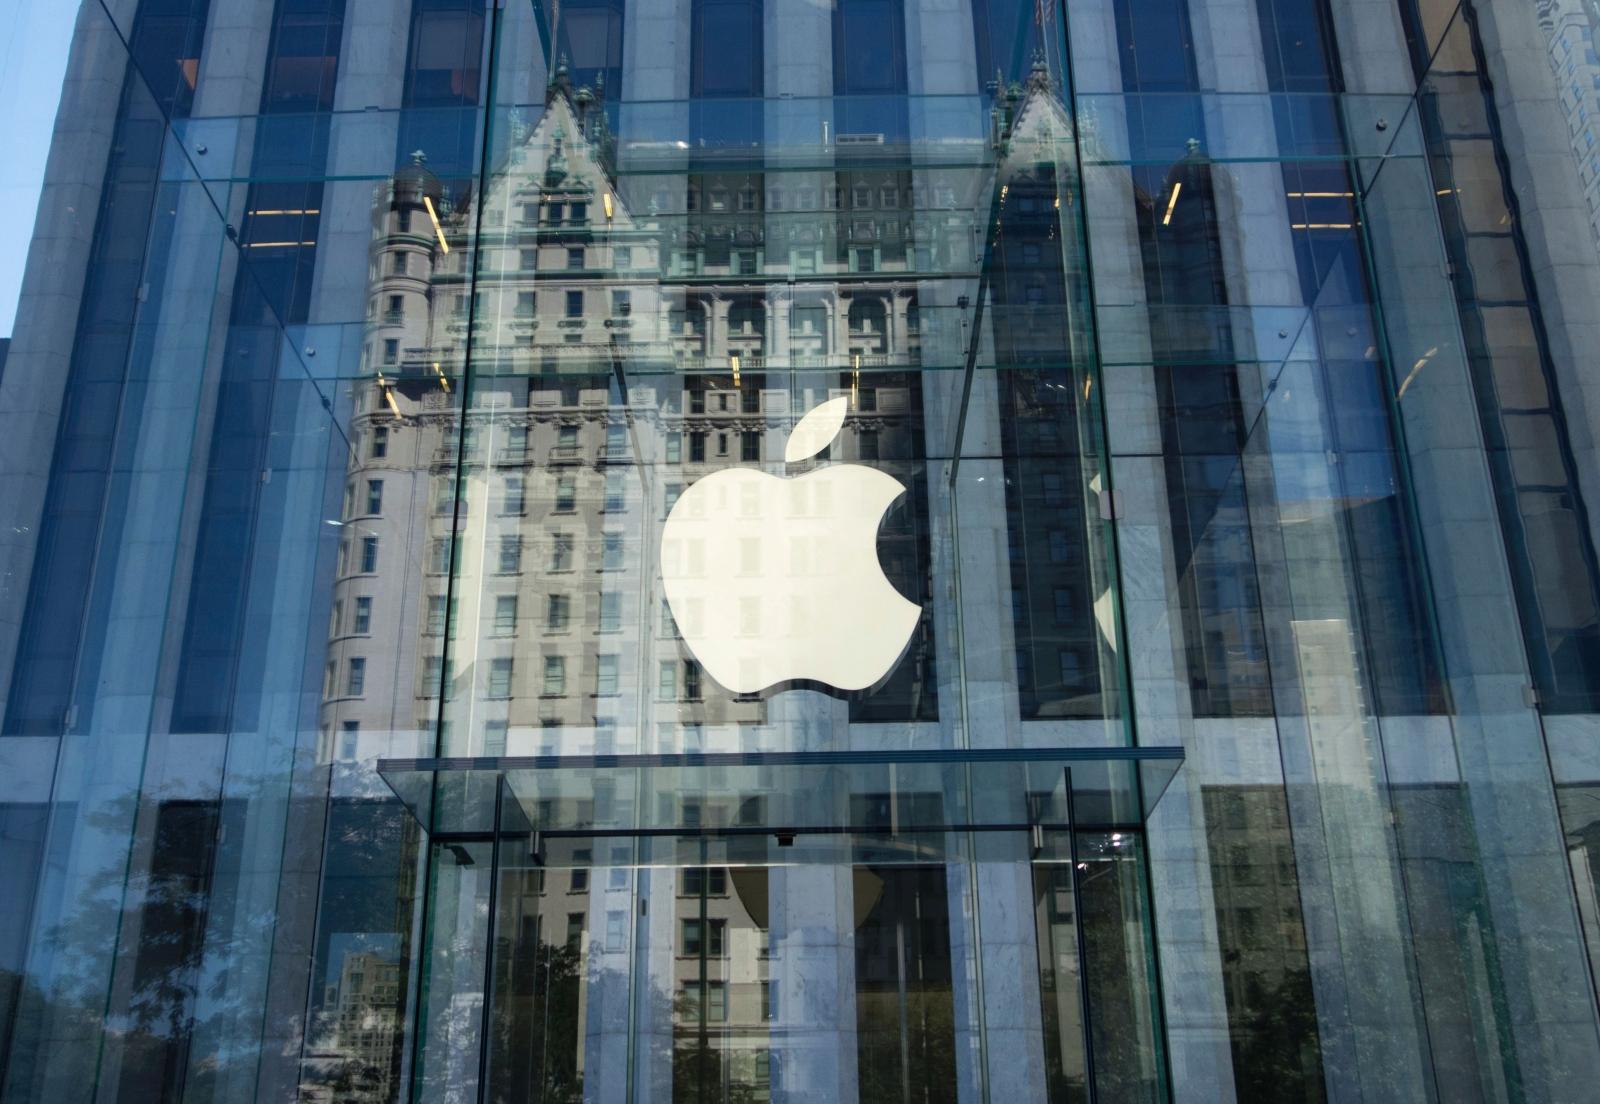 https://d.ibtimes.co.uk/en/full/1615871/apple-working-dedicated-ai-chip.jpg